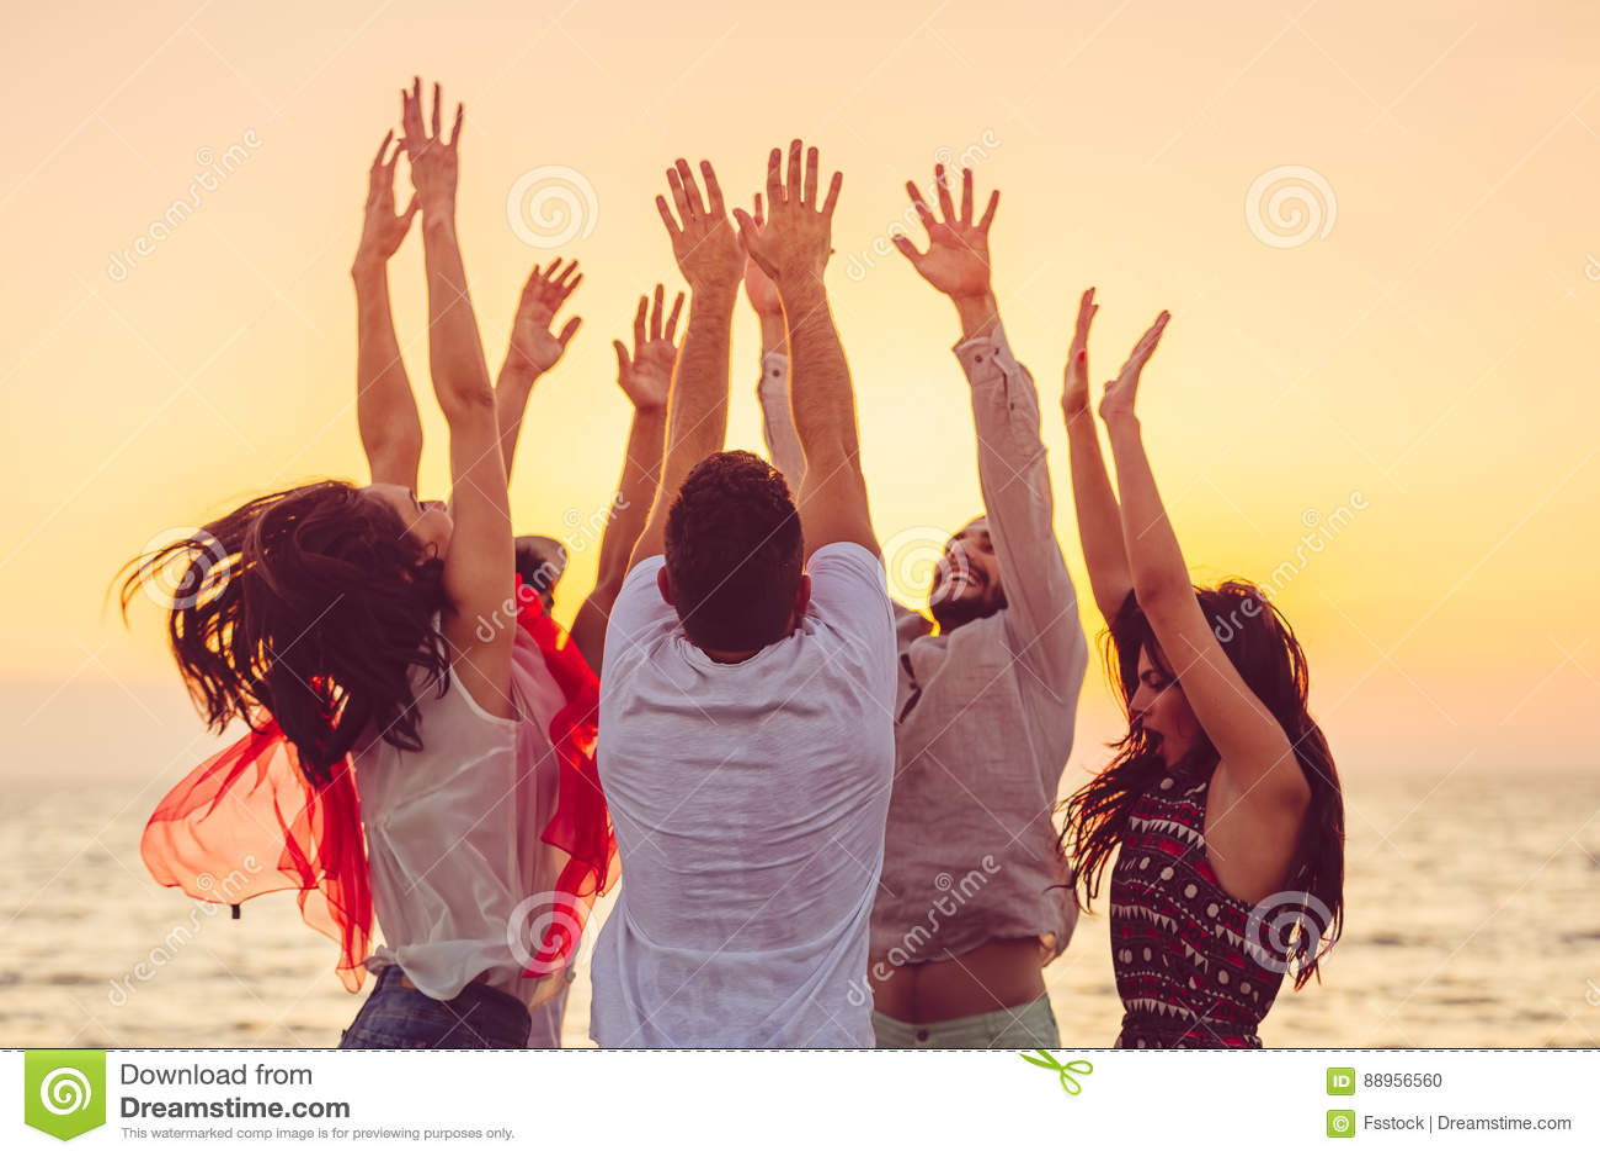 Άνθρωποι που χορεύουν στην παραλία με τα χέρια επάνω έννοια για το κόμμα, τη μουσική και τους ανθρώπους